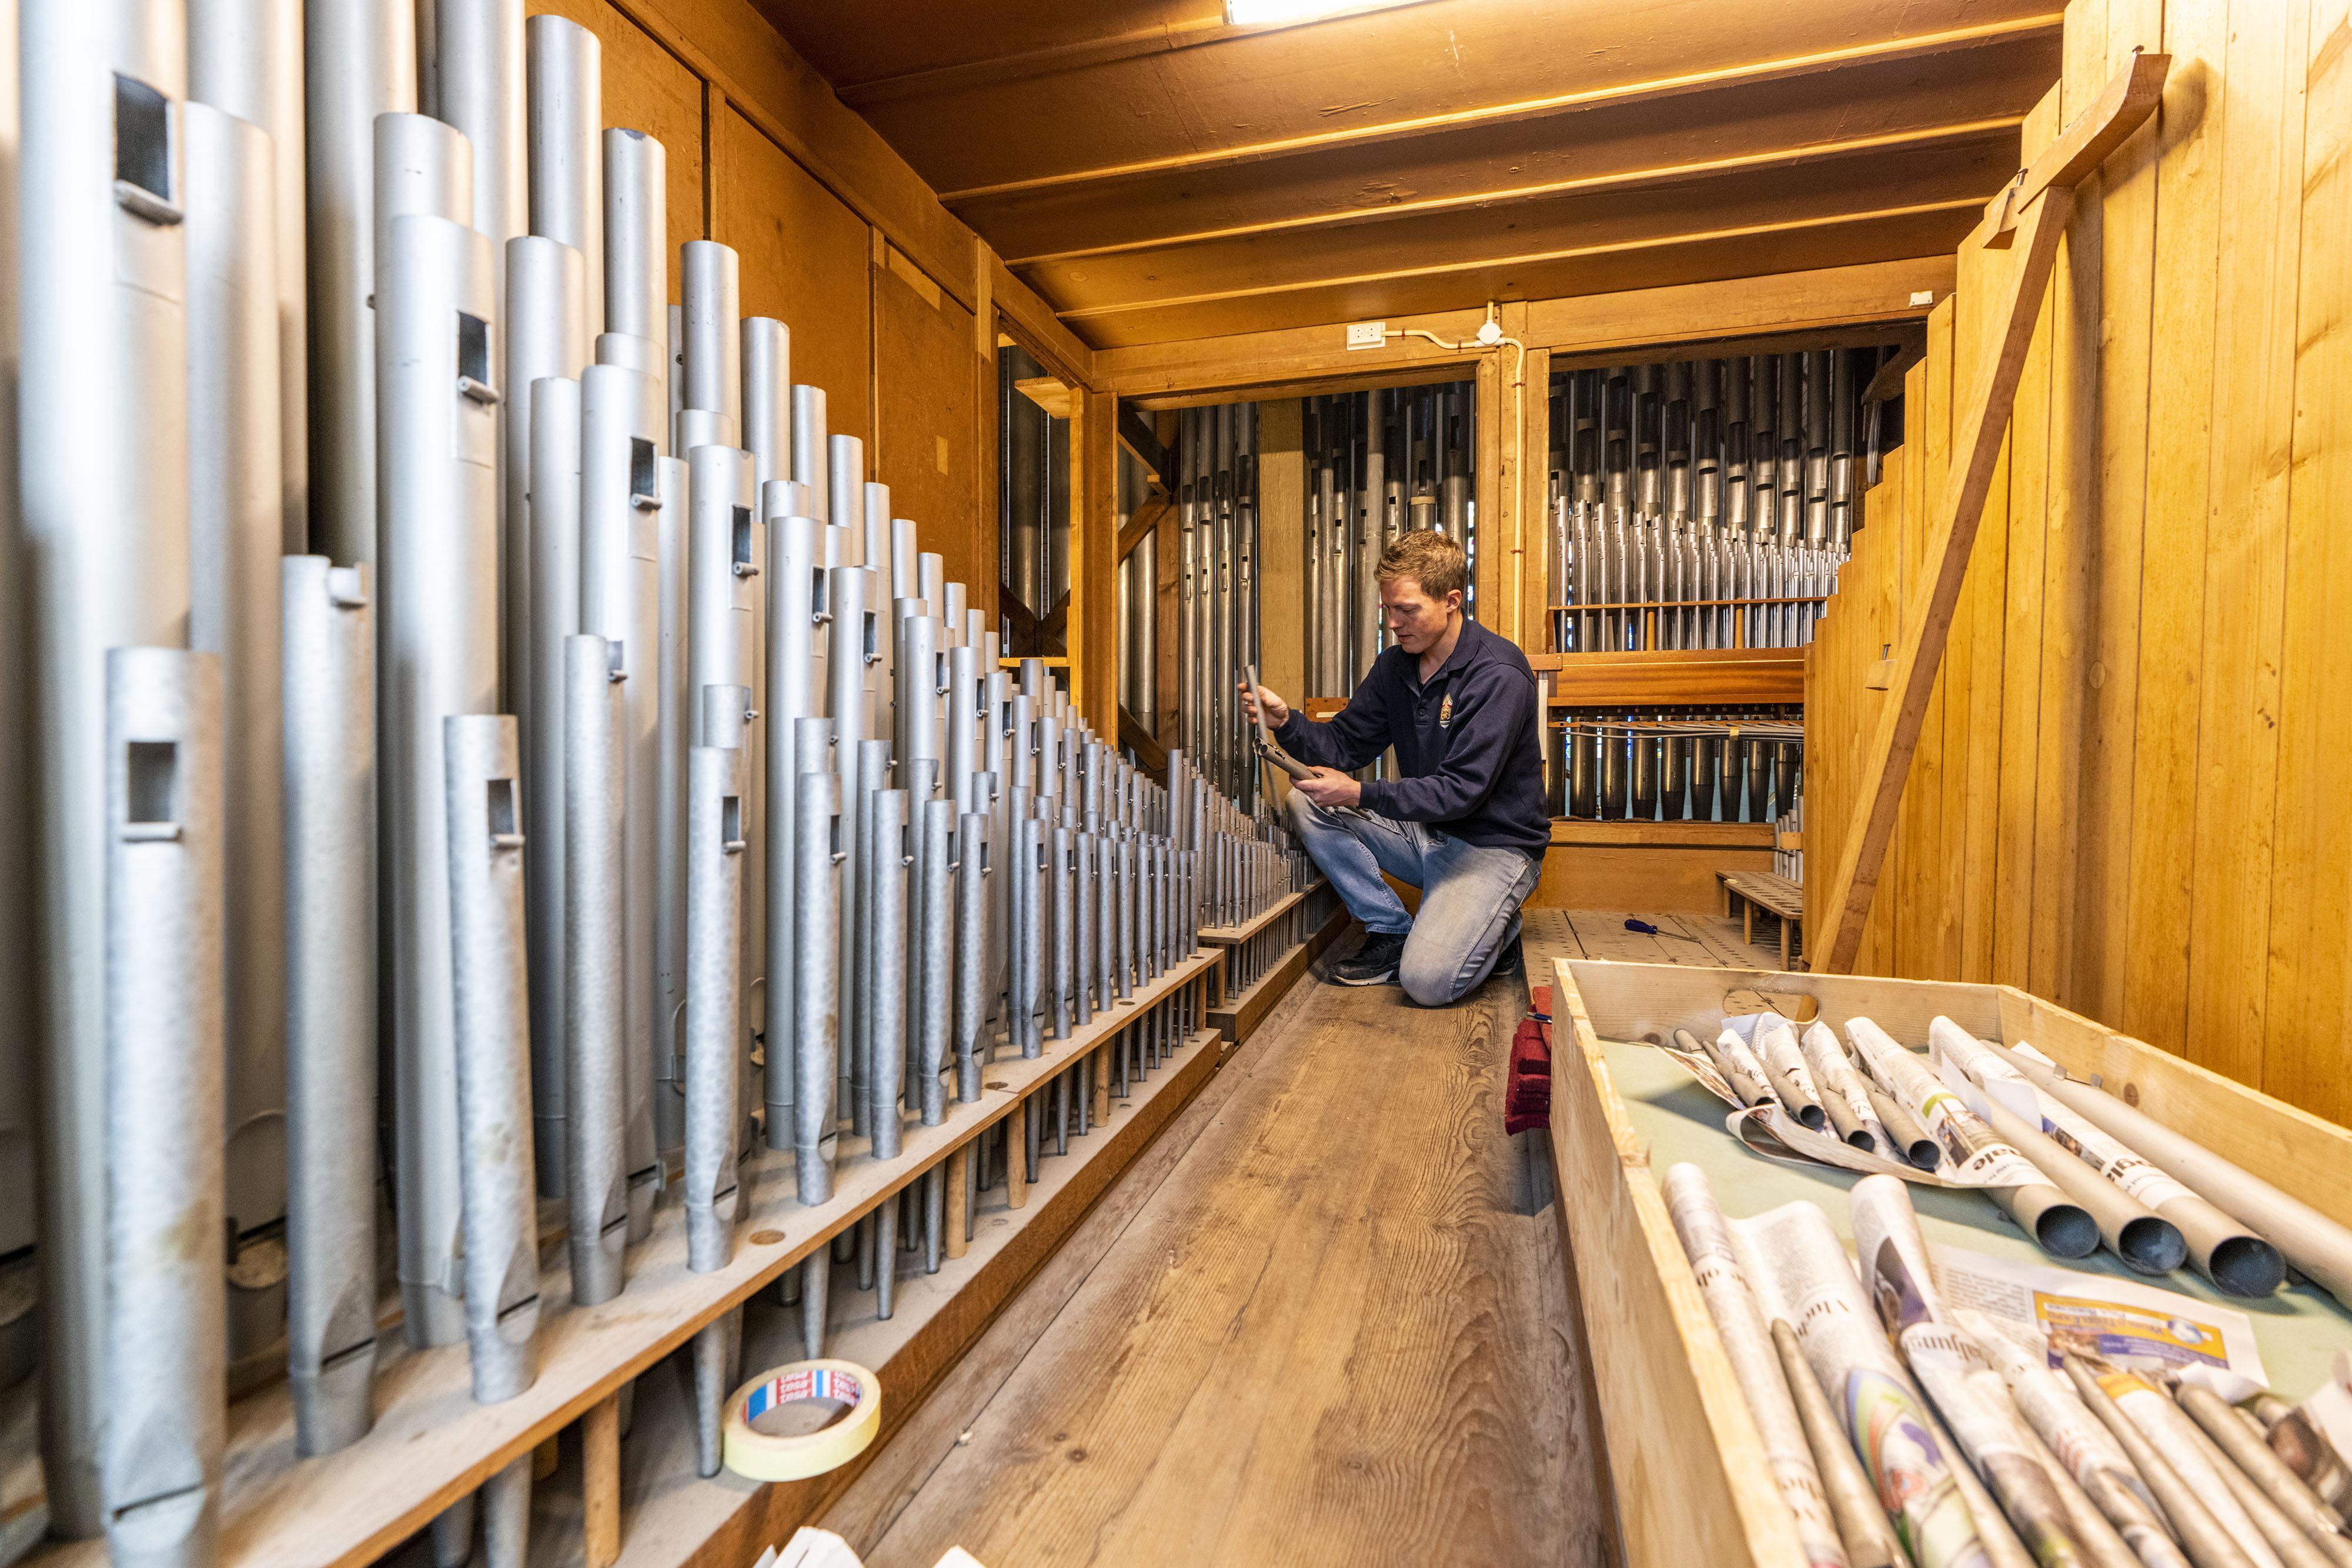 Restauratie van de 2.360 orgelpijpen is achter de rug, maar het beloofde orgelfestival blijft uit